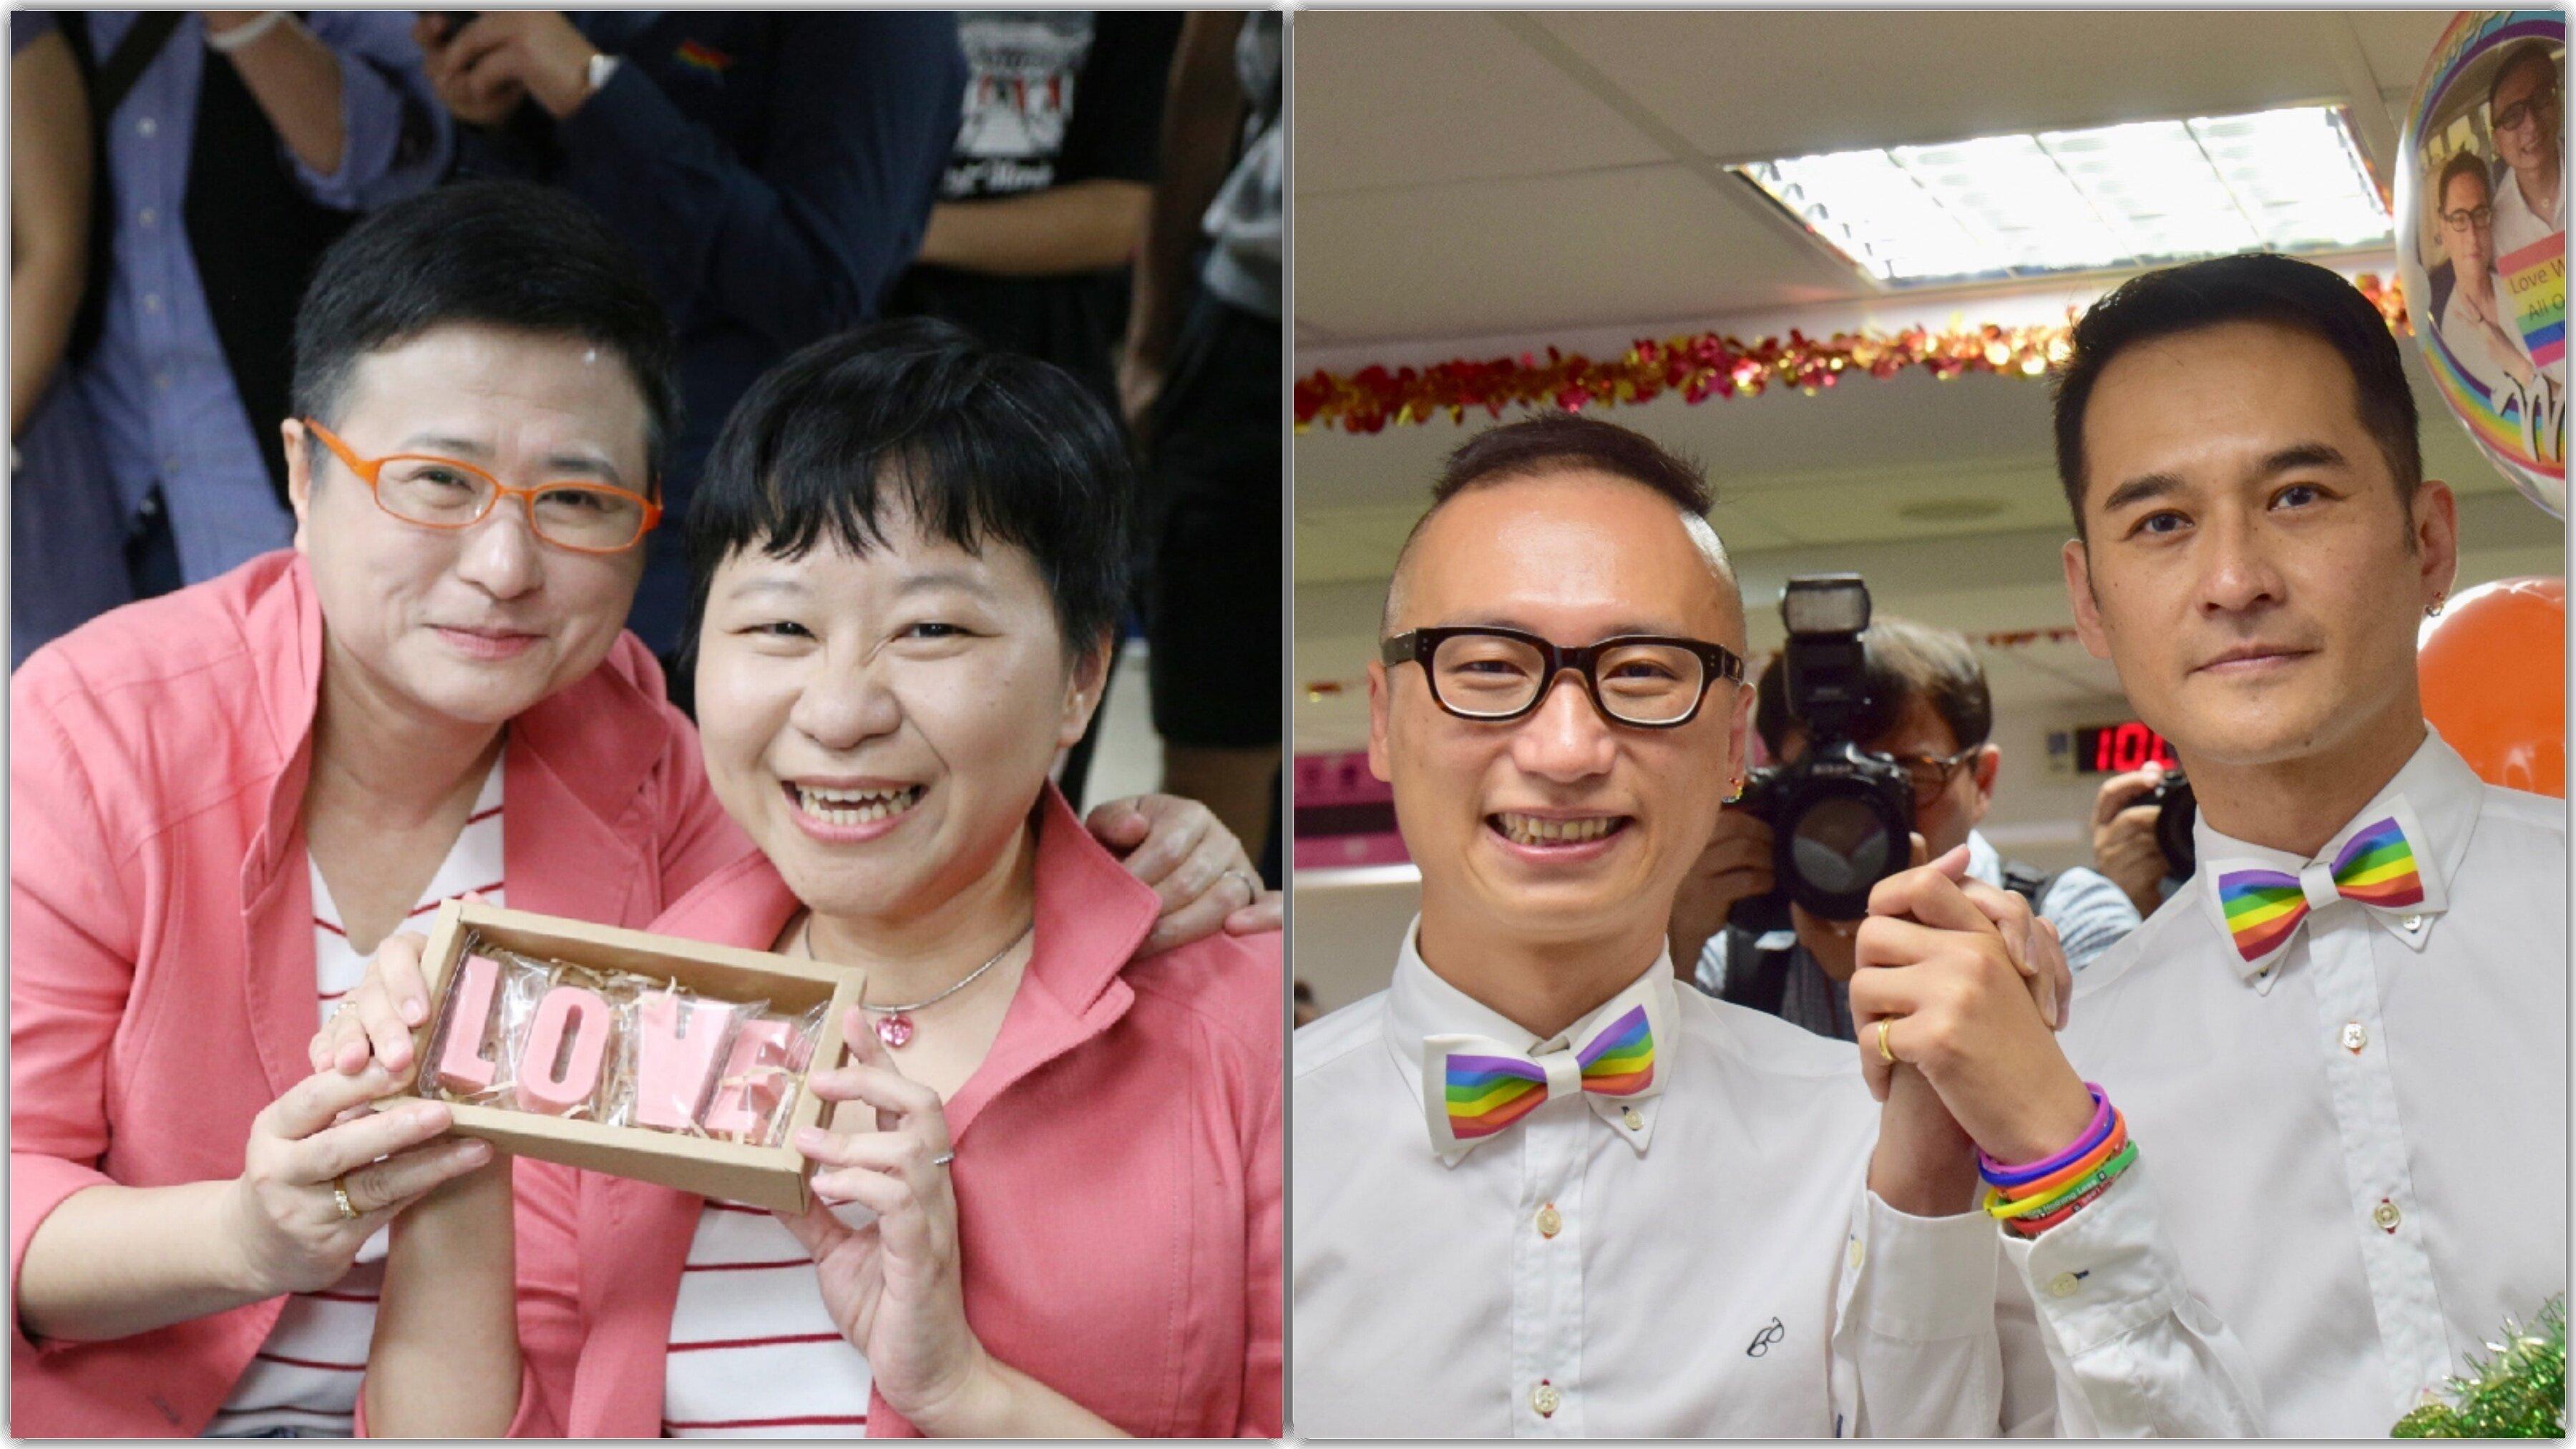 台湾で、アジア初の同性婚スタート。婚姻届を出したカップル「とてもハッピー。でもこれは最初の一歩」